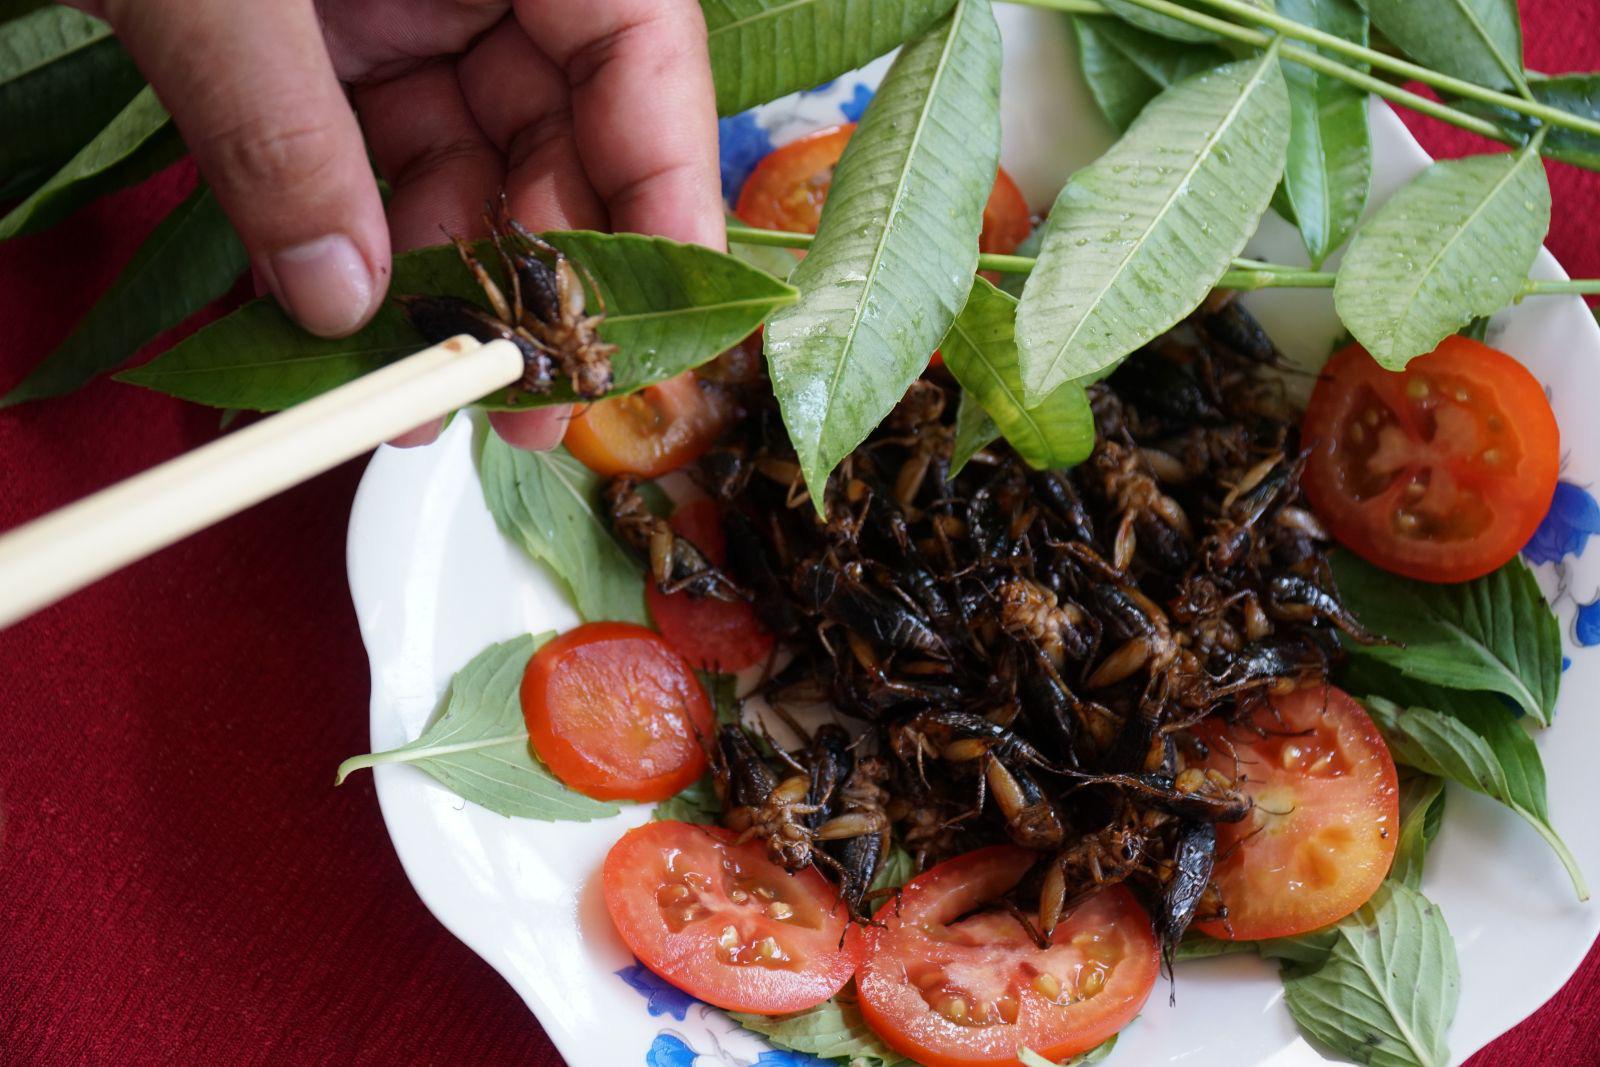 Nuôi loài côn trùng cứ 42 ngày là gáy râm ran, nghiền ăn lá mì, nông dân 9X đất Tây Đô kiếm bộn tiền - Ảnh 12.